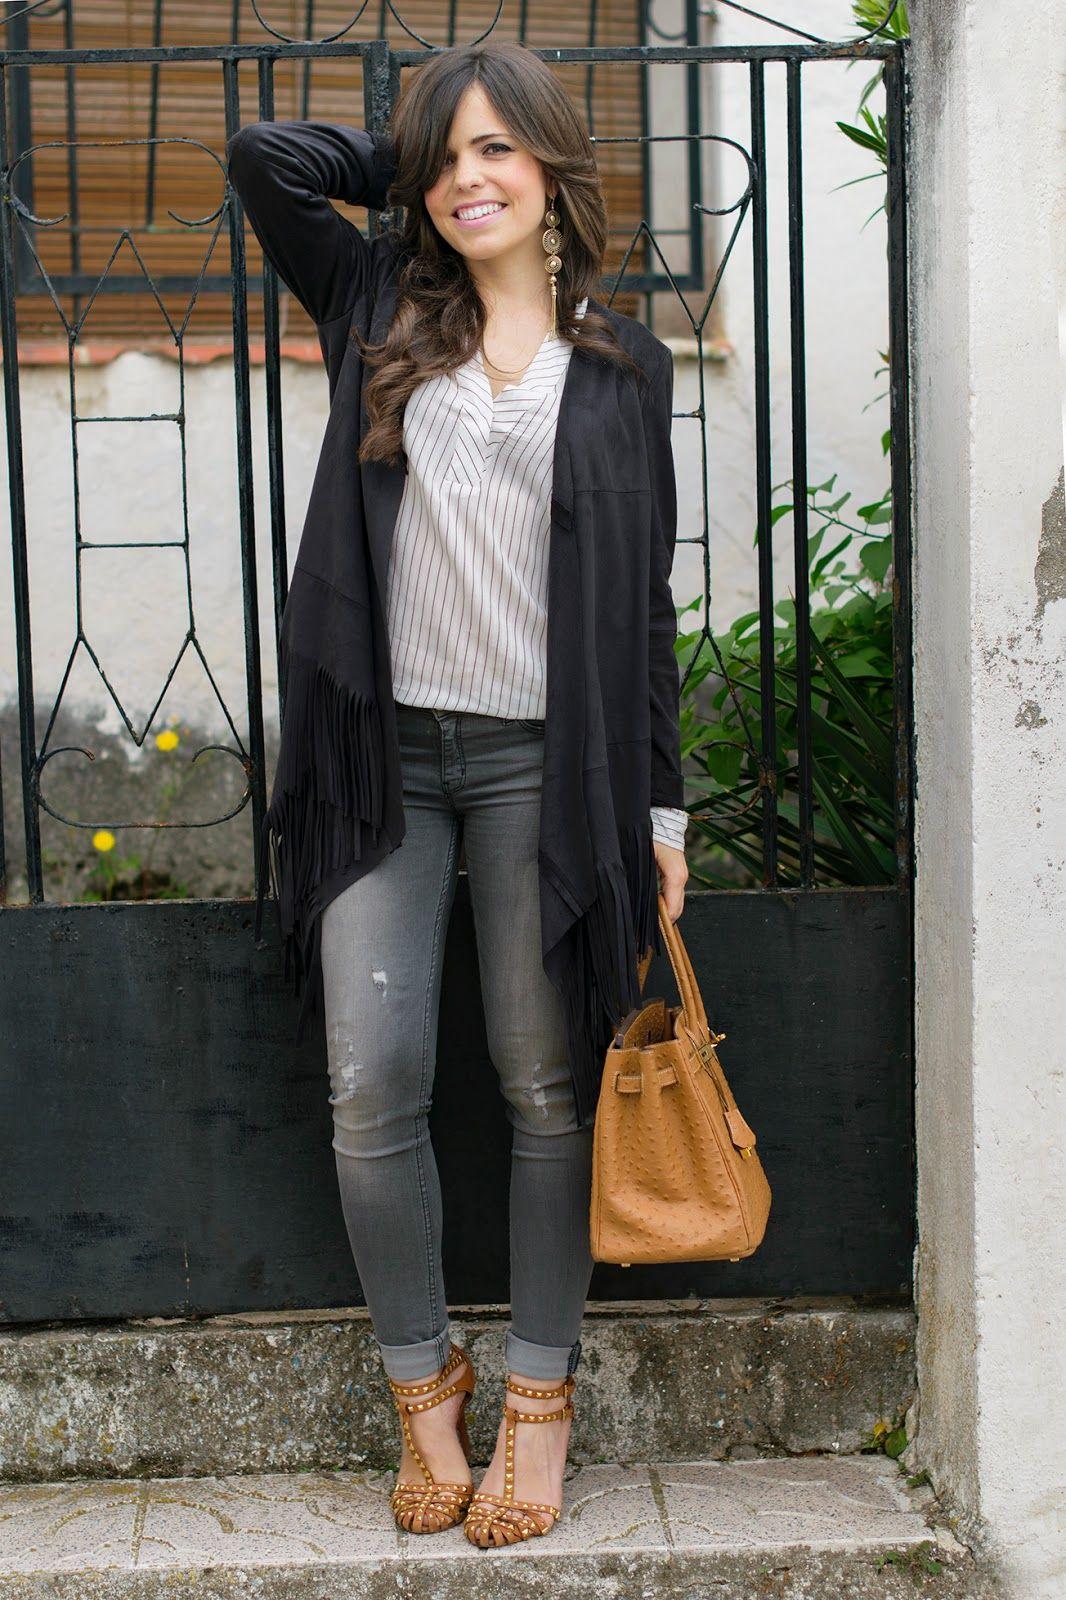 ac04009e6 Look estilo boho con jeans grises | outfits | Jeans grises, Ropa y Jeans